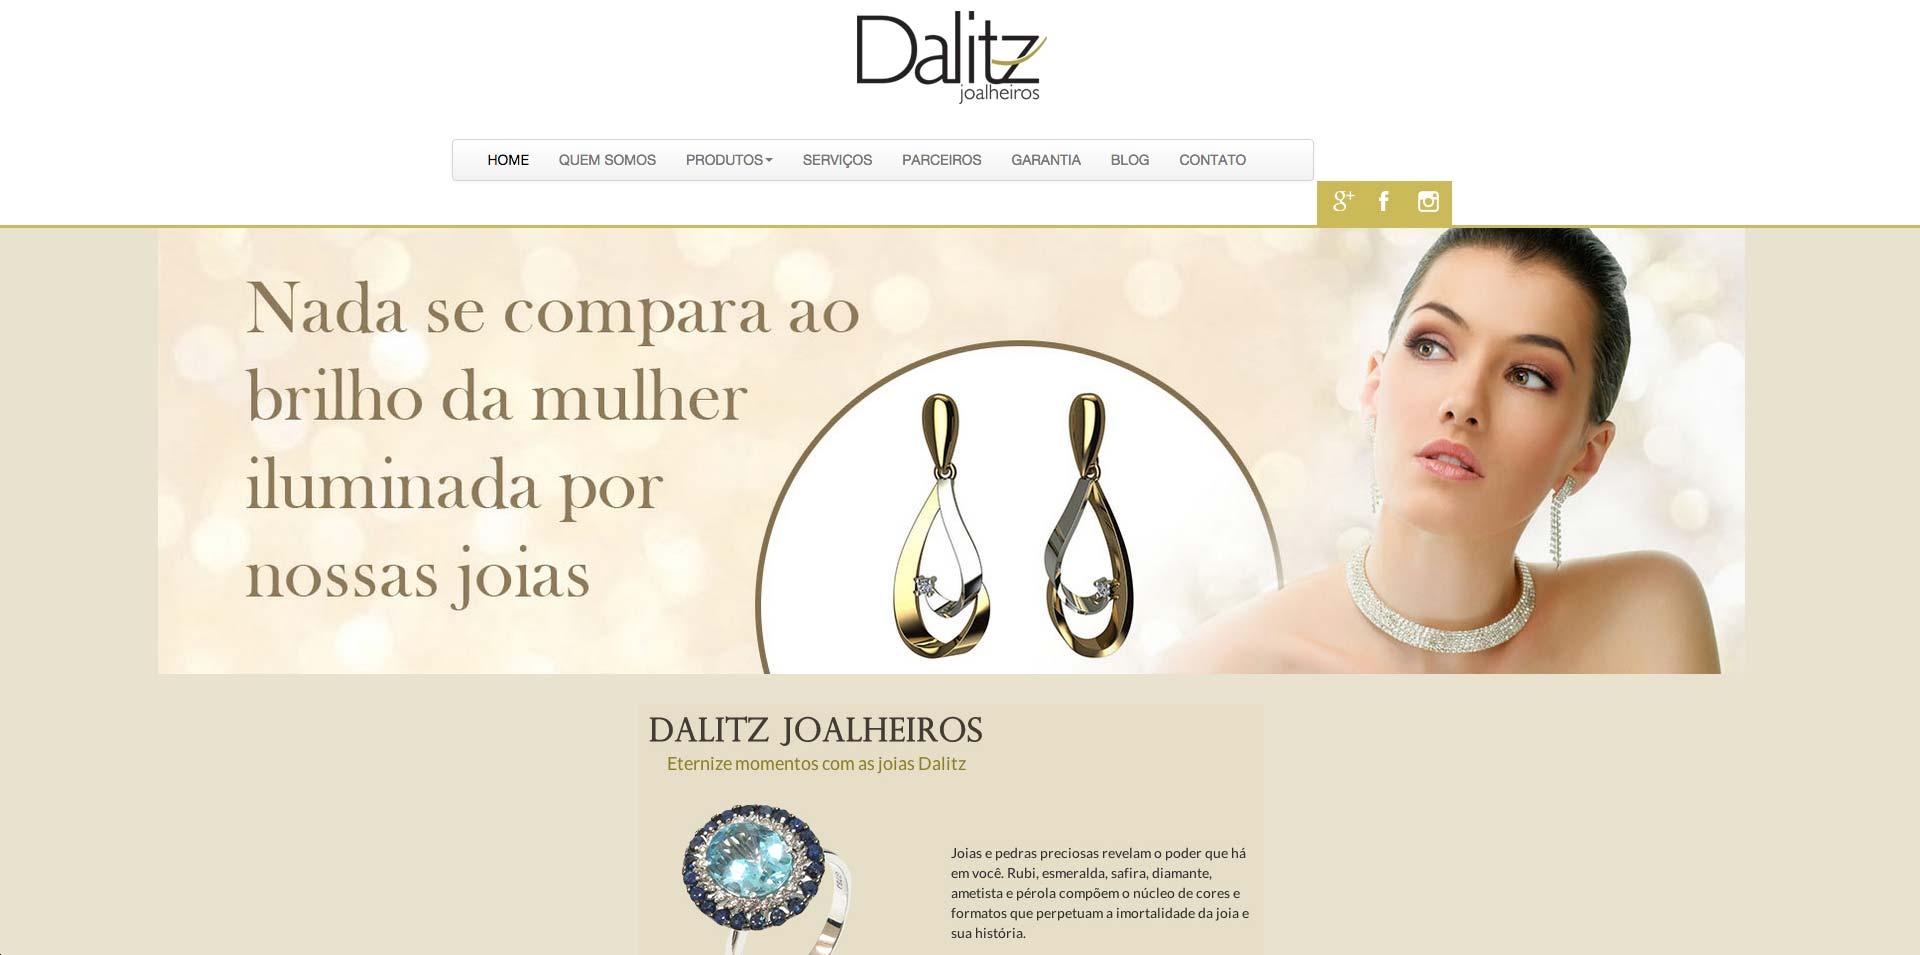 9-DALITZ